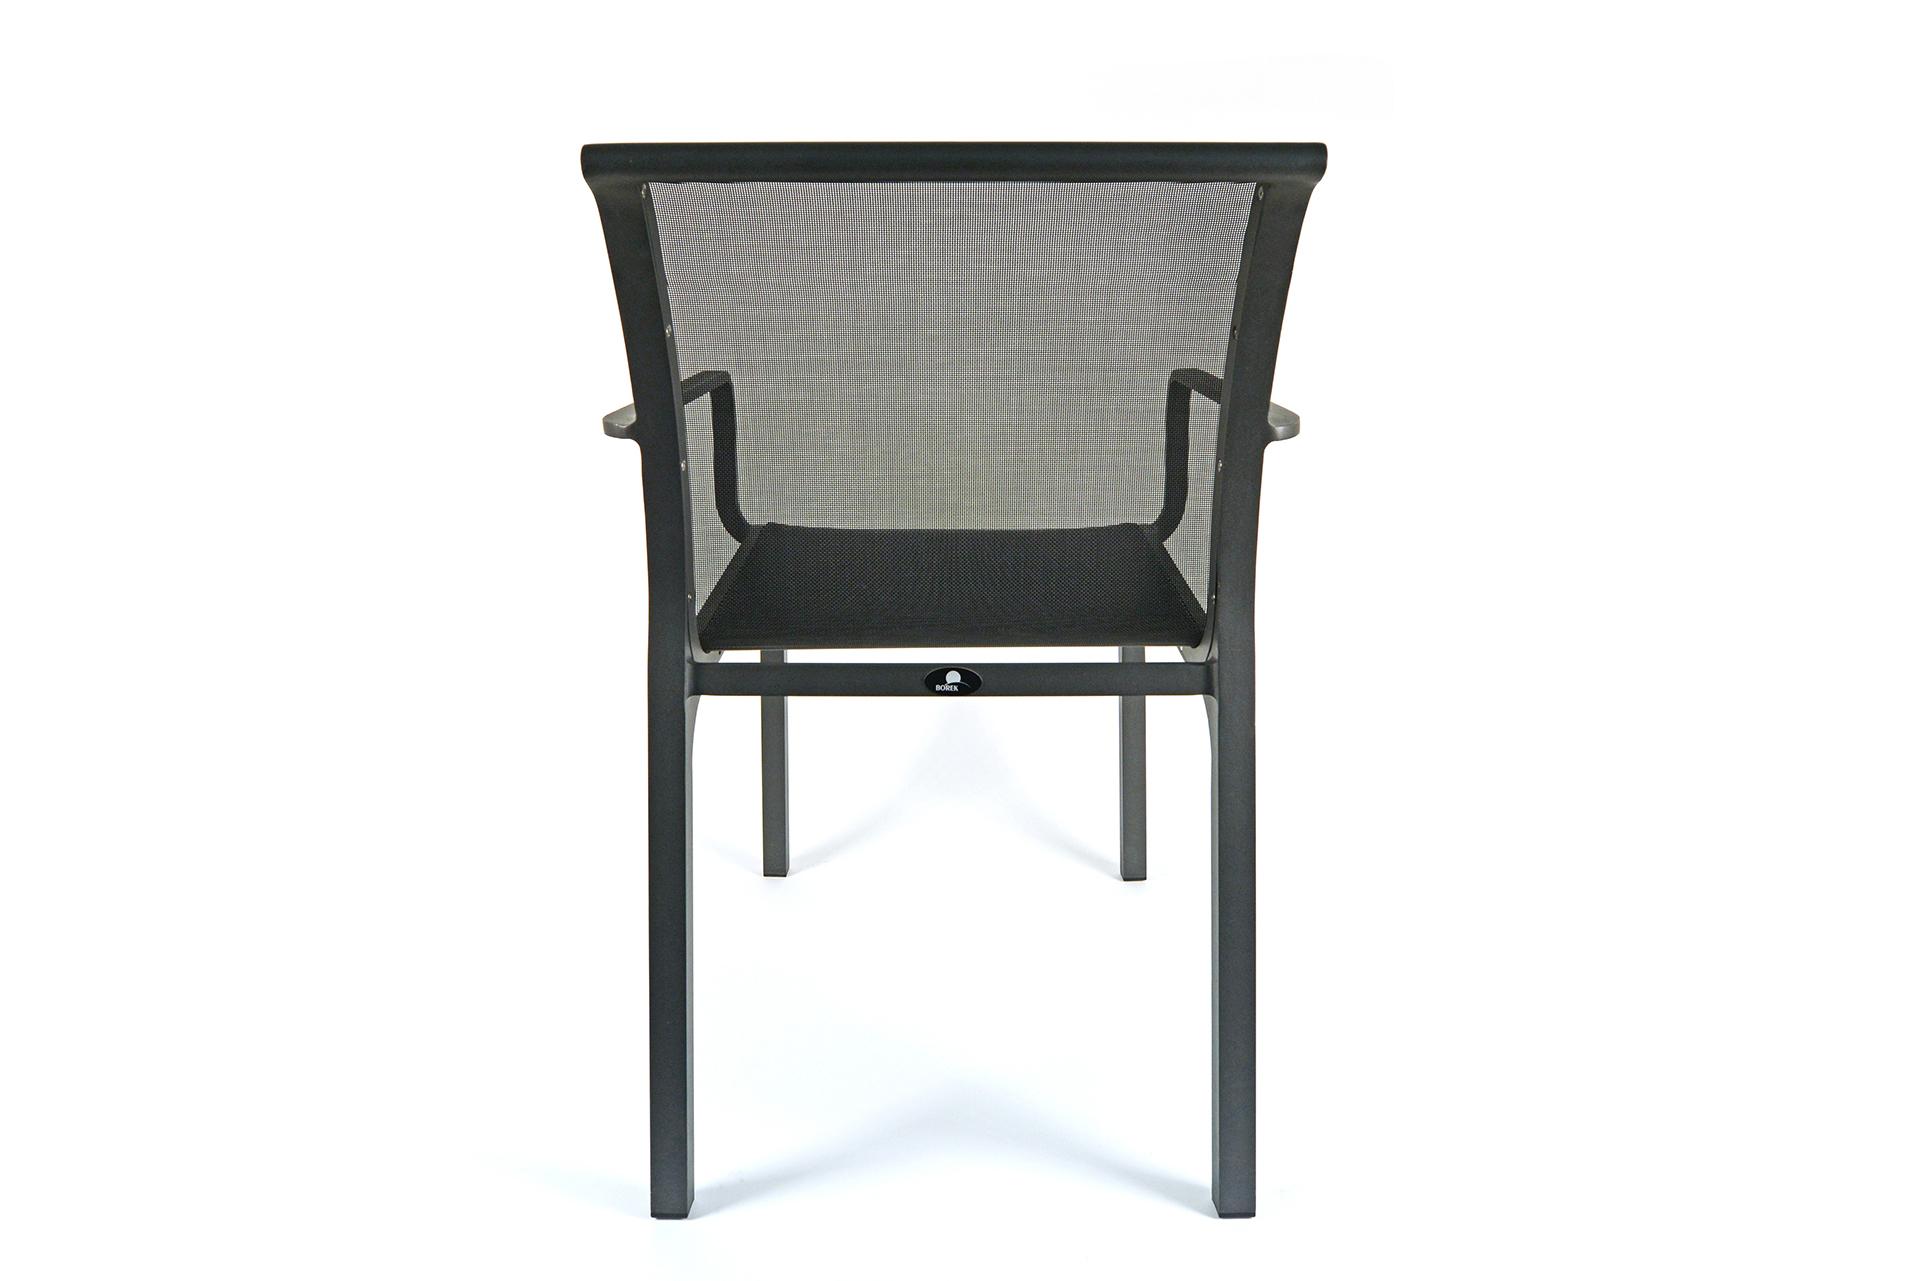 gardenchair by Maarten olden designer